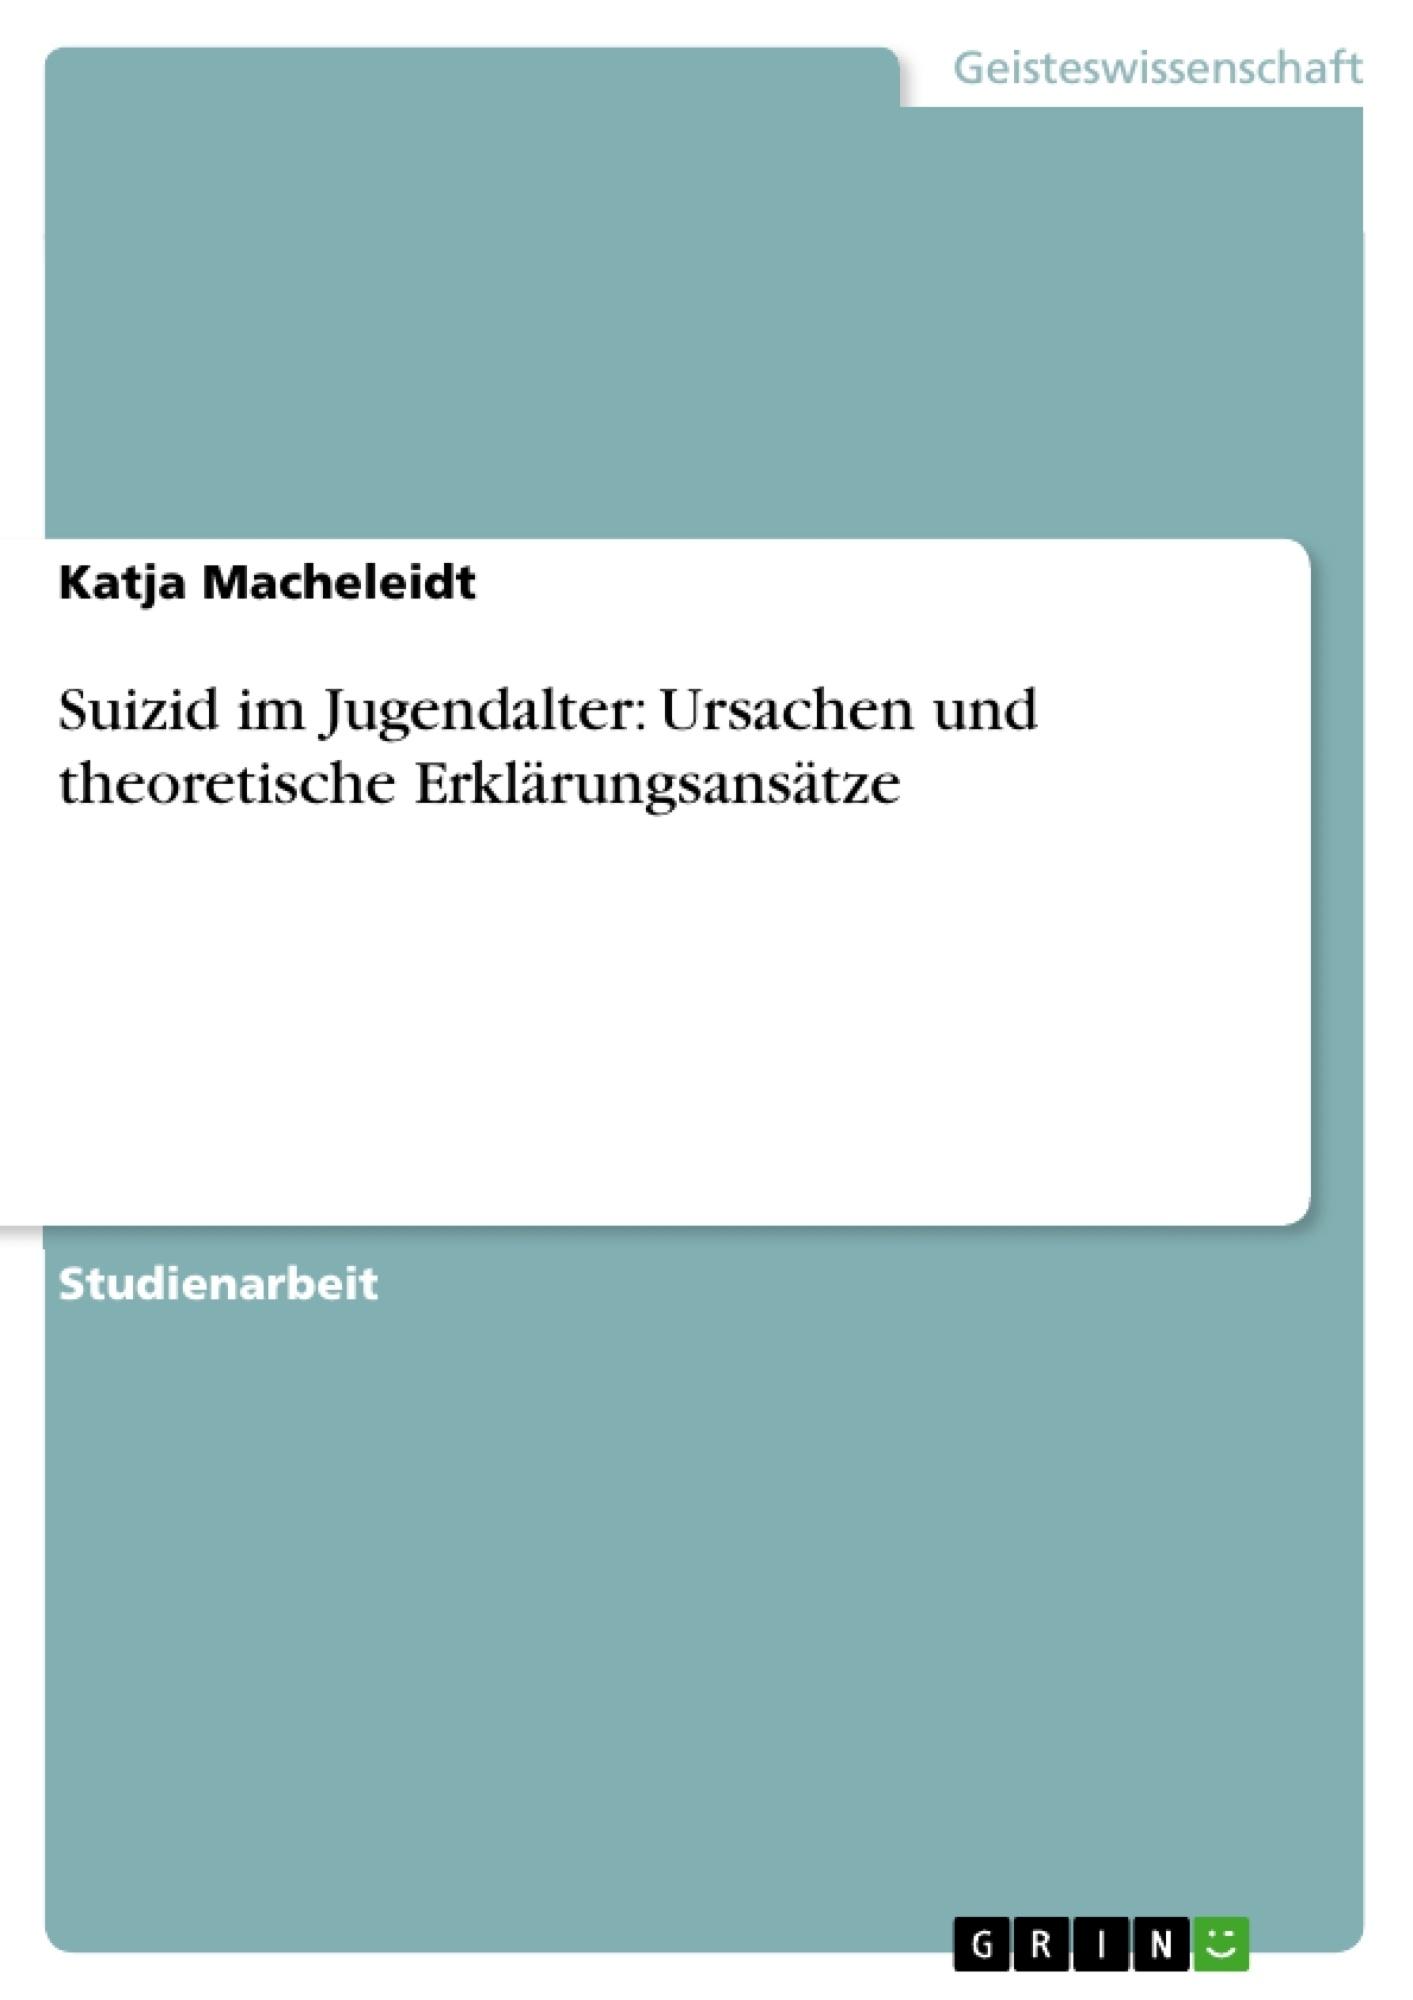 Titel: Suizid im Jugendalter: Ursachen und theoretische Erklärungsansätze